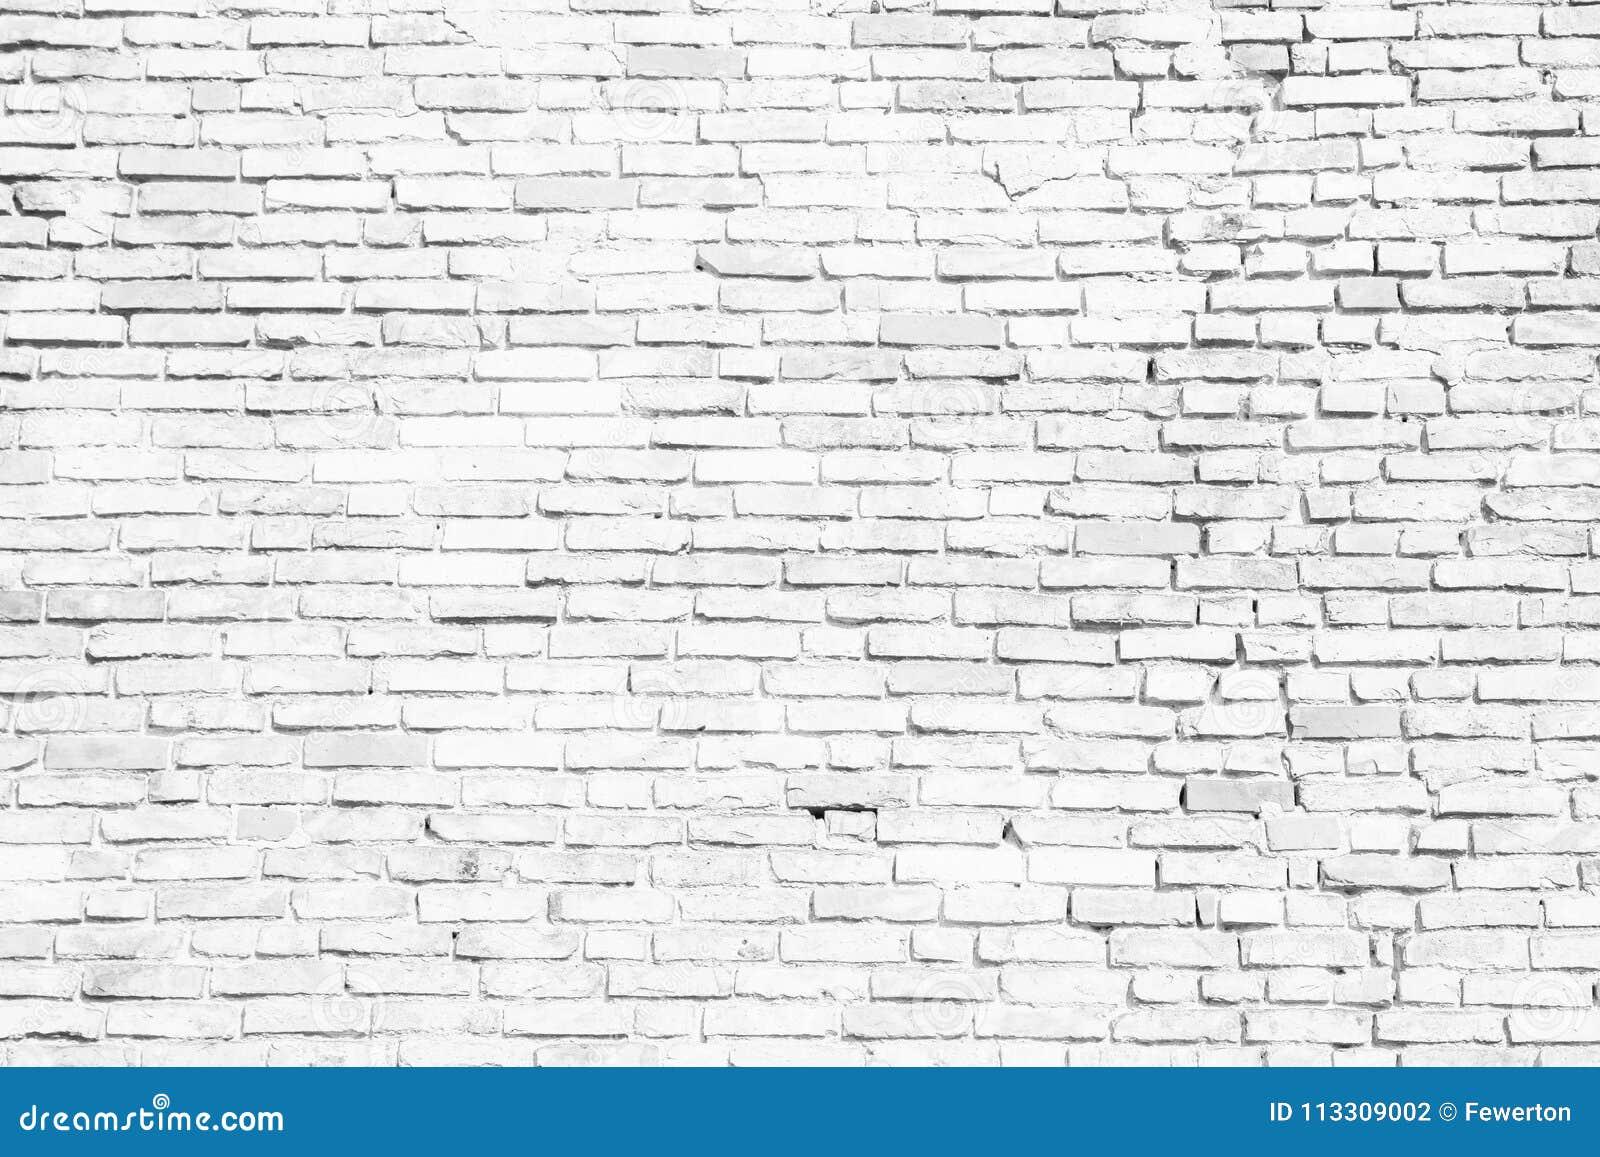 Простая белая и серая кирпичная стена как безшовная предпосылка текстуры картины